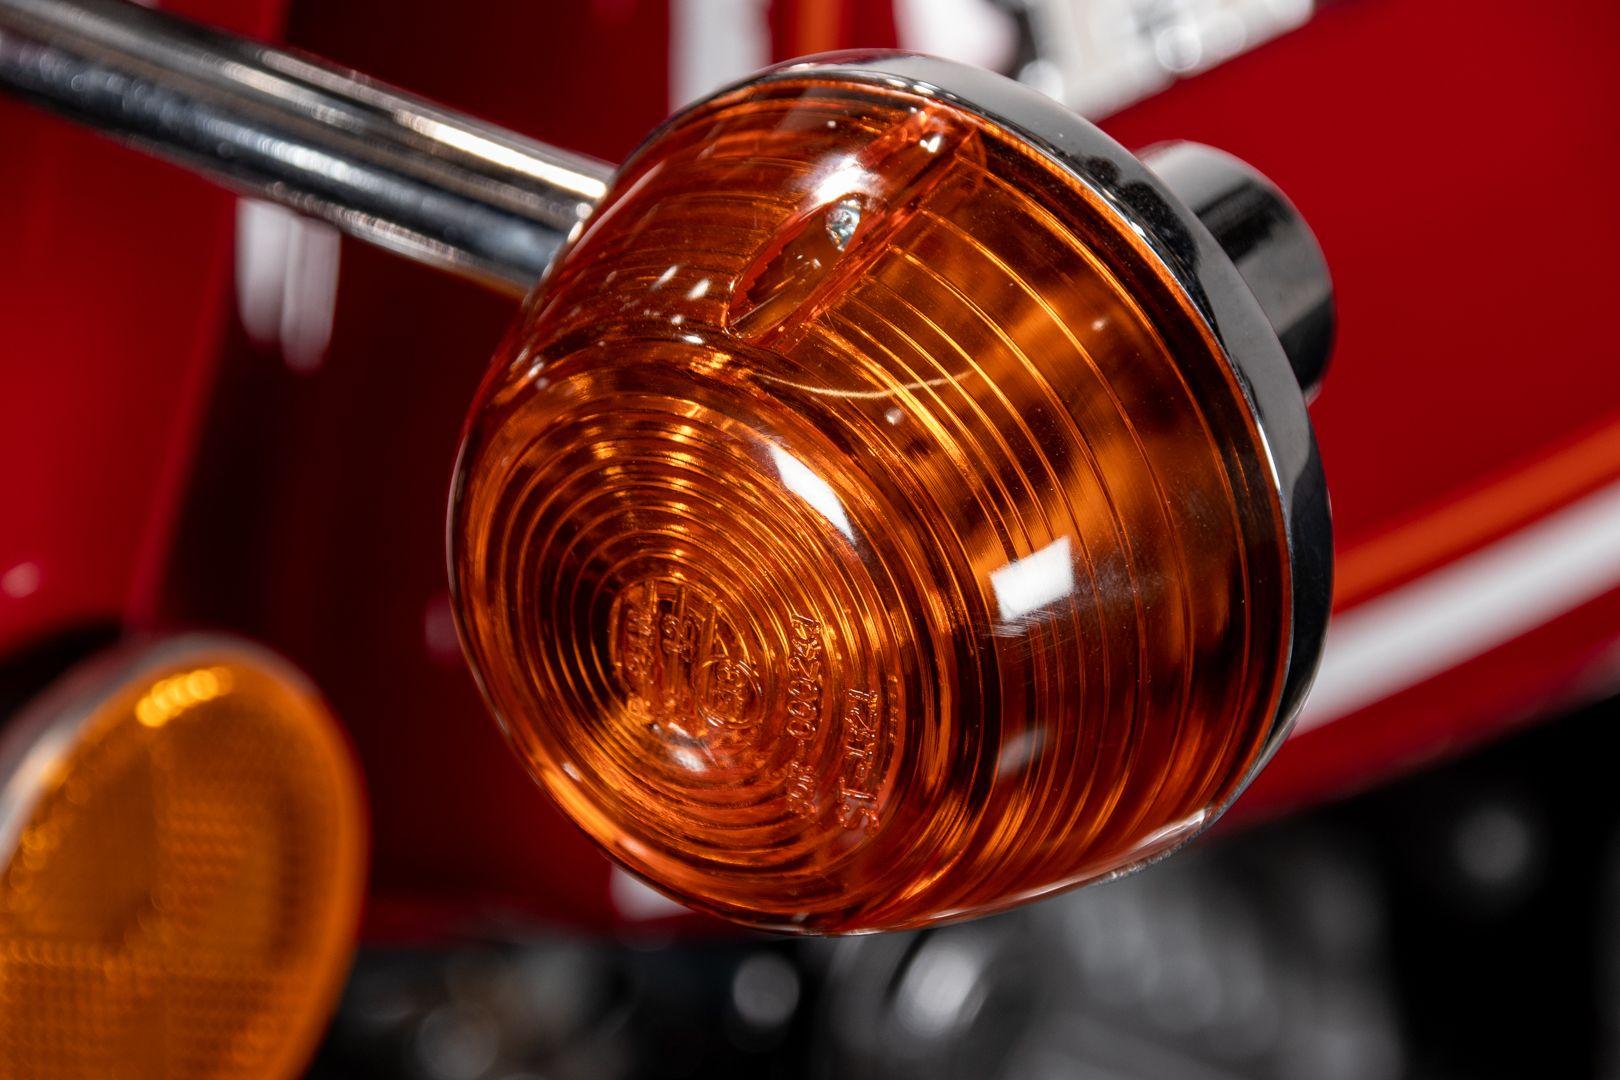 1973 Honda CB 350 Four 73291